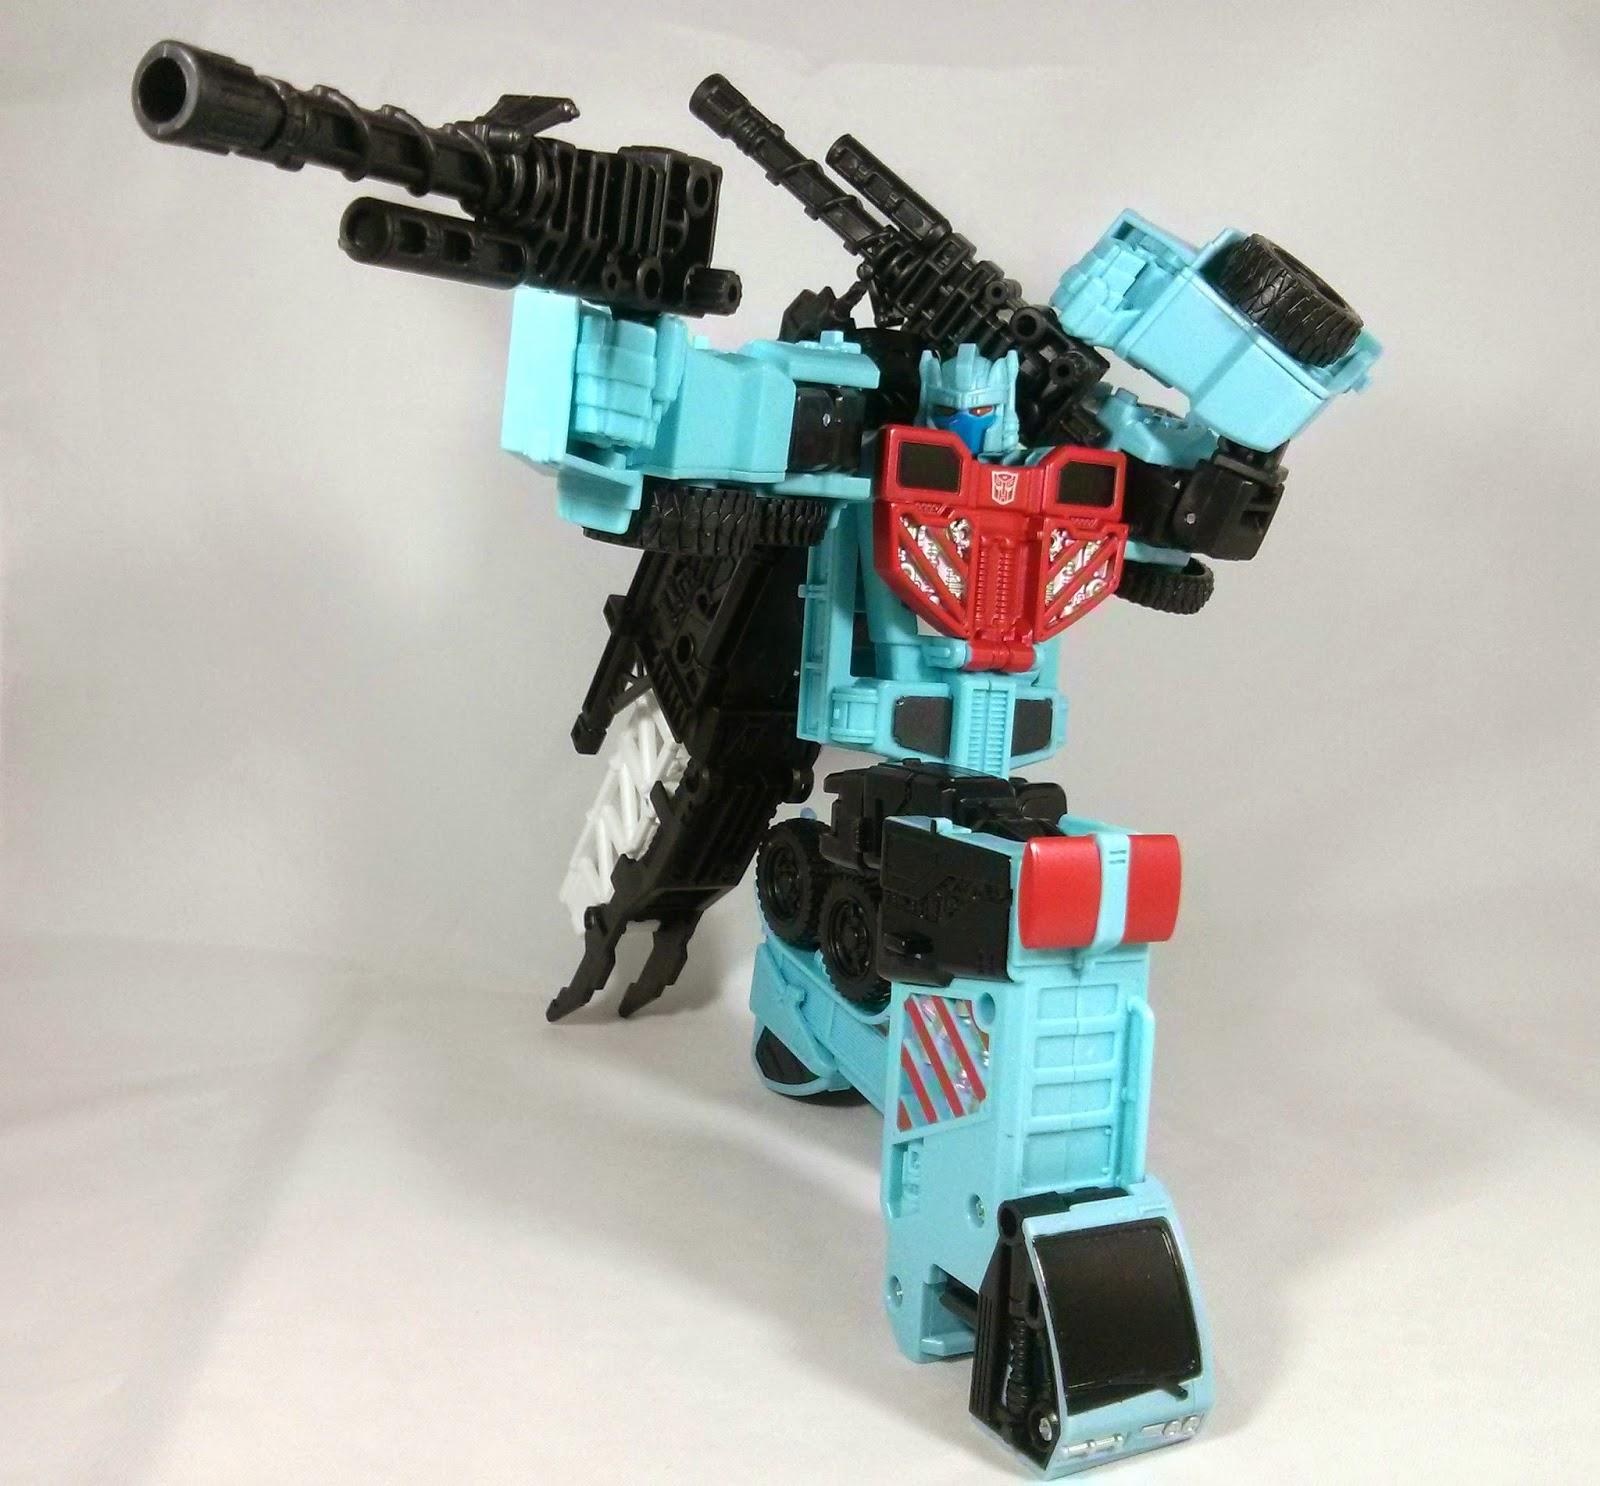 Transformers Hot Spot guns